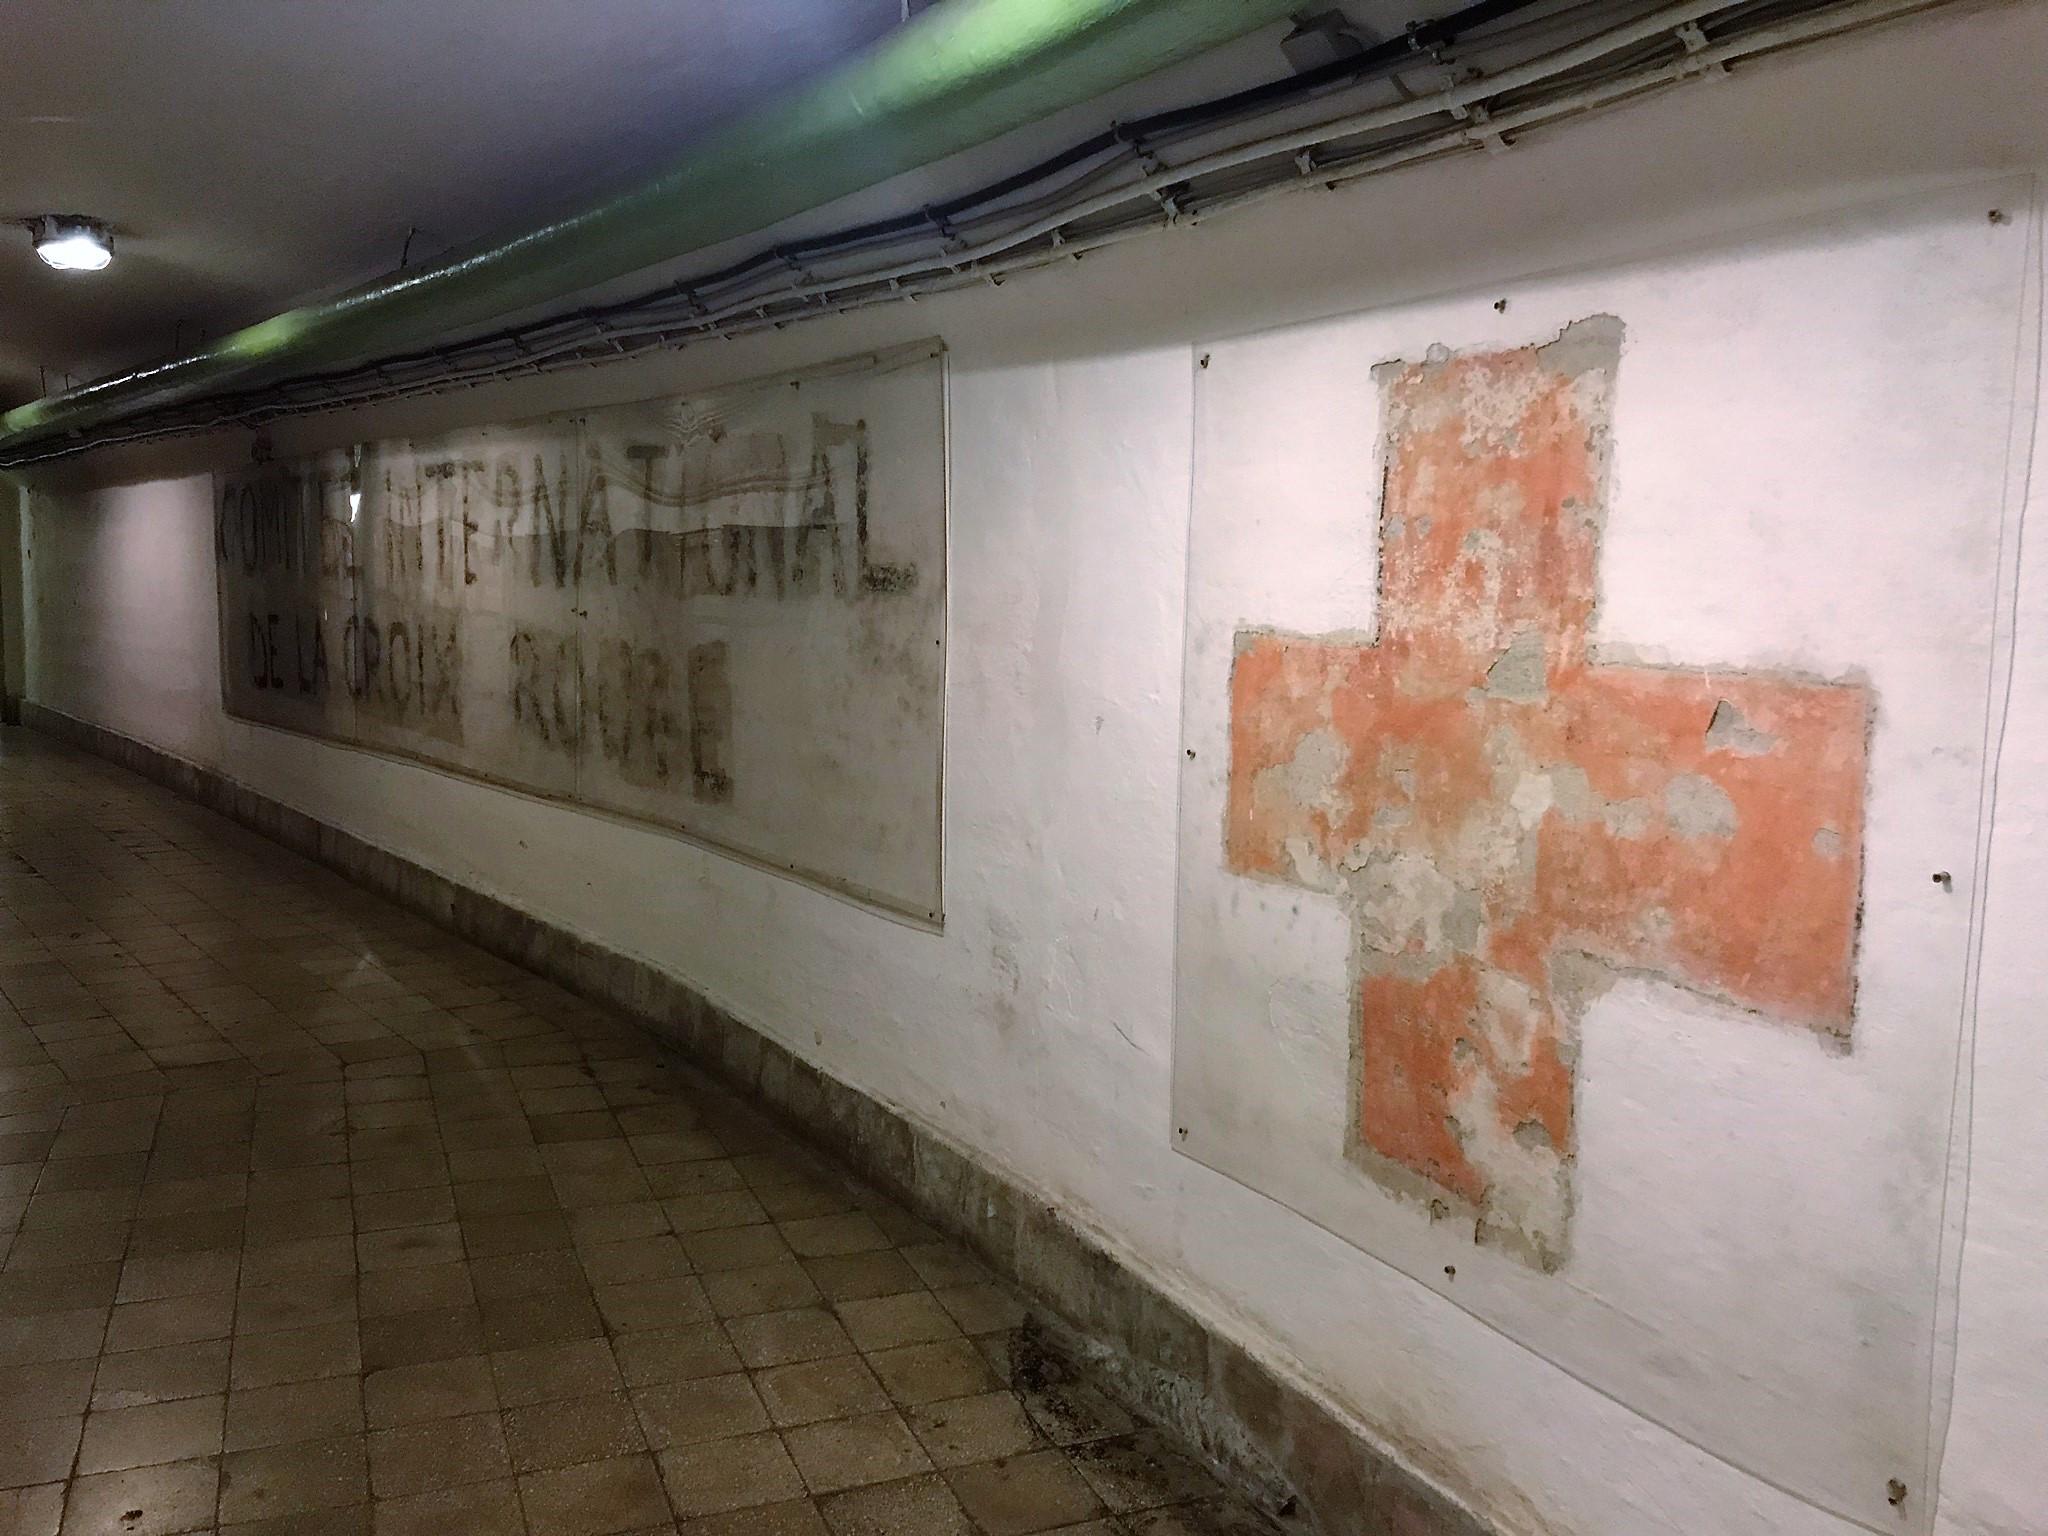 A Nemzetközi Vöröskereszt falfeliratra pár éve bukkantak rá egy renoválás során. Jelentőségét az adja, hogy az intézmény nemzetközi oltalom alatt állt, így garantálva sértetlenségét a háború alatt is.